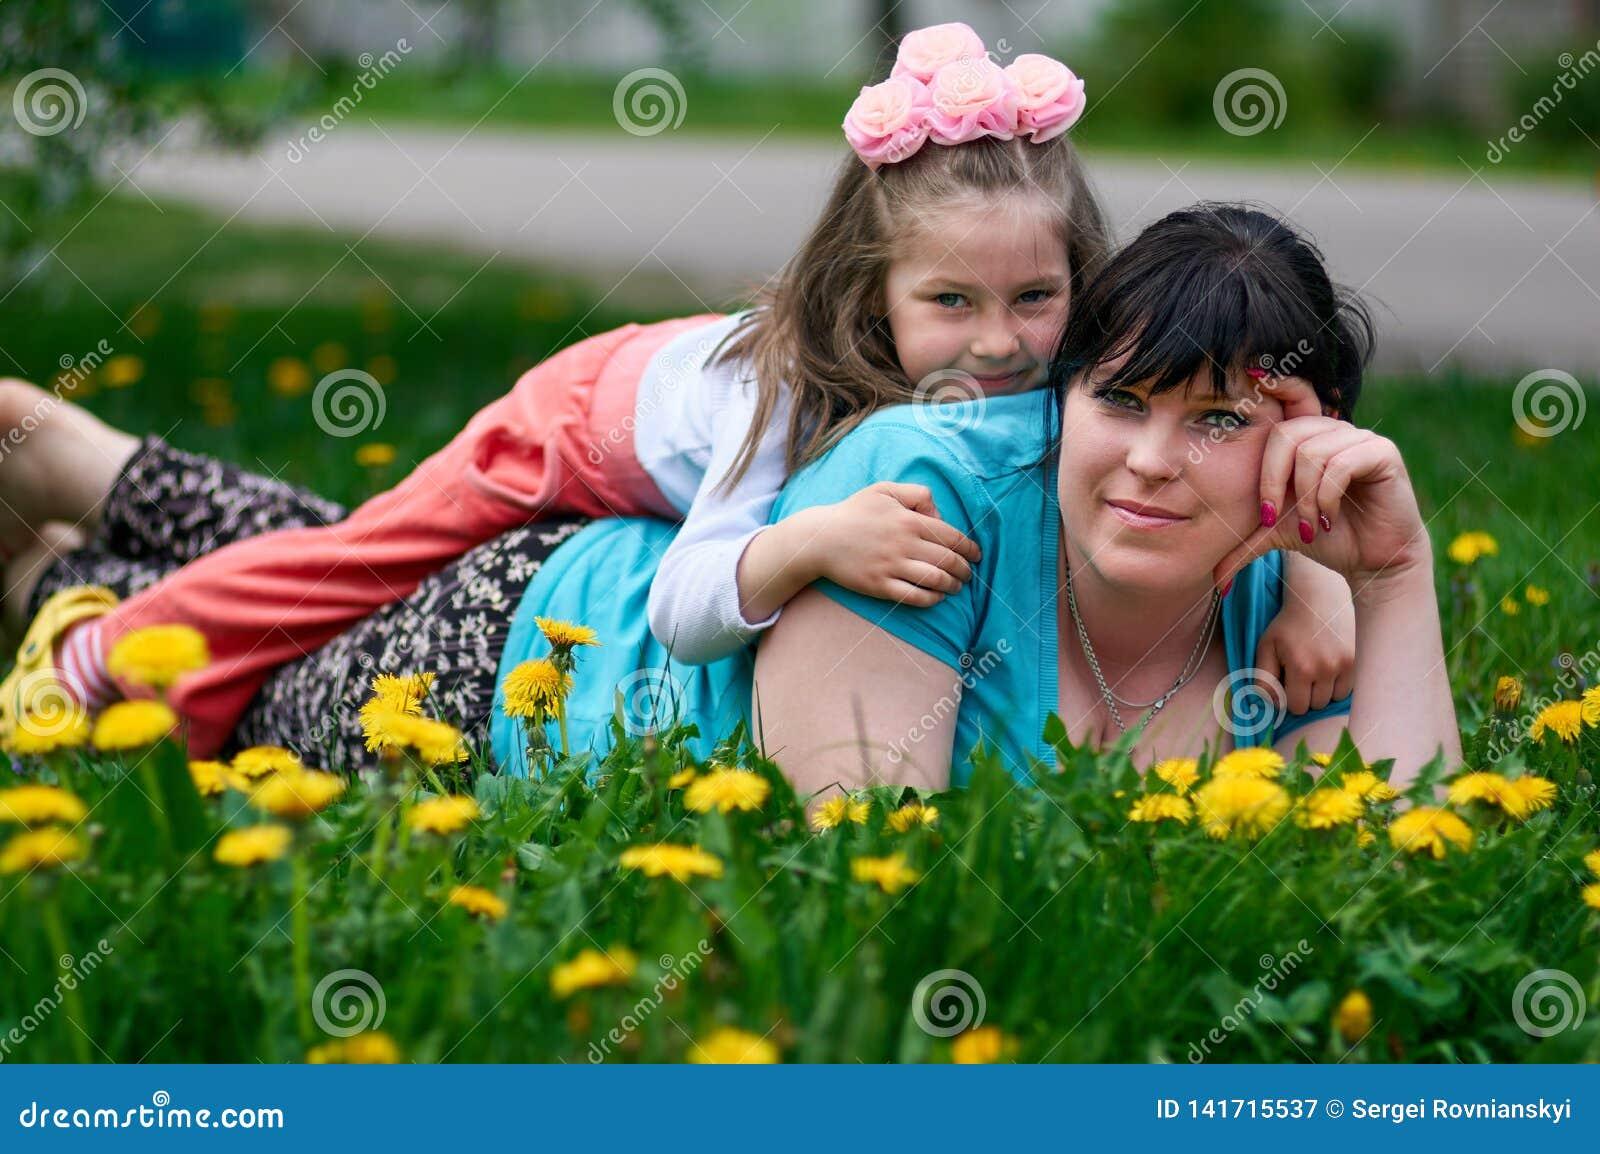 Glückliche junge Mutter mit Baby genießt Sommerzeit in einer Löwenzahnwiese